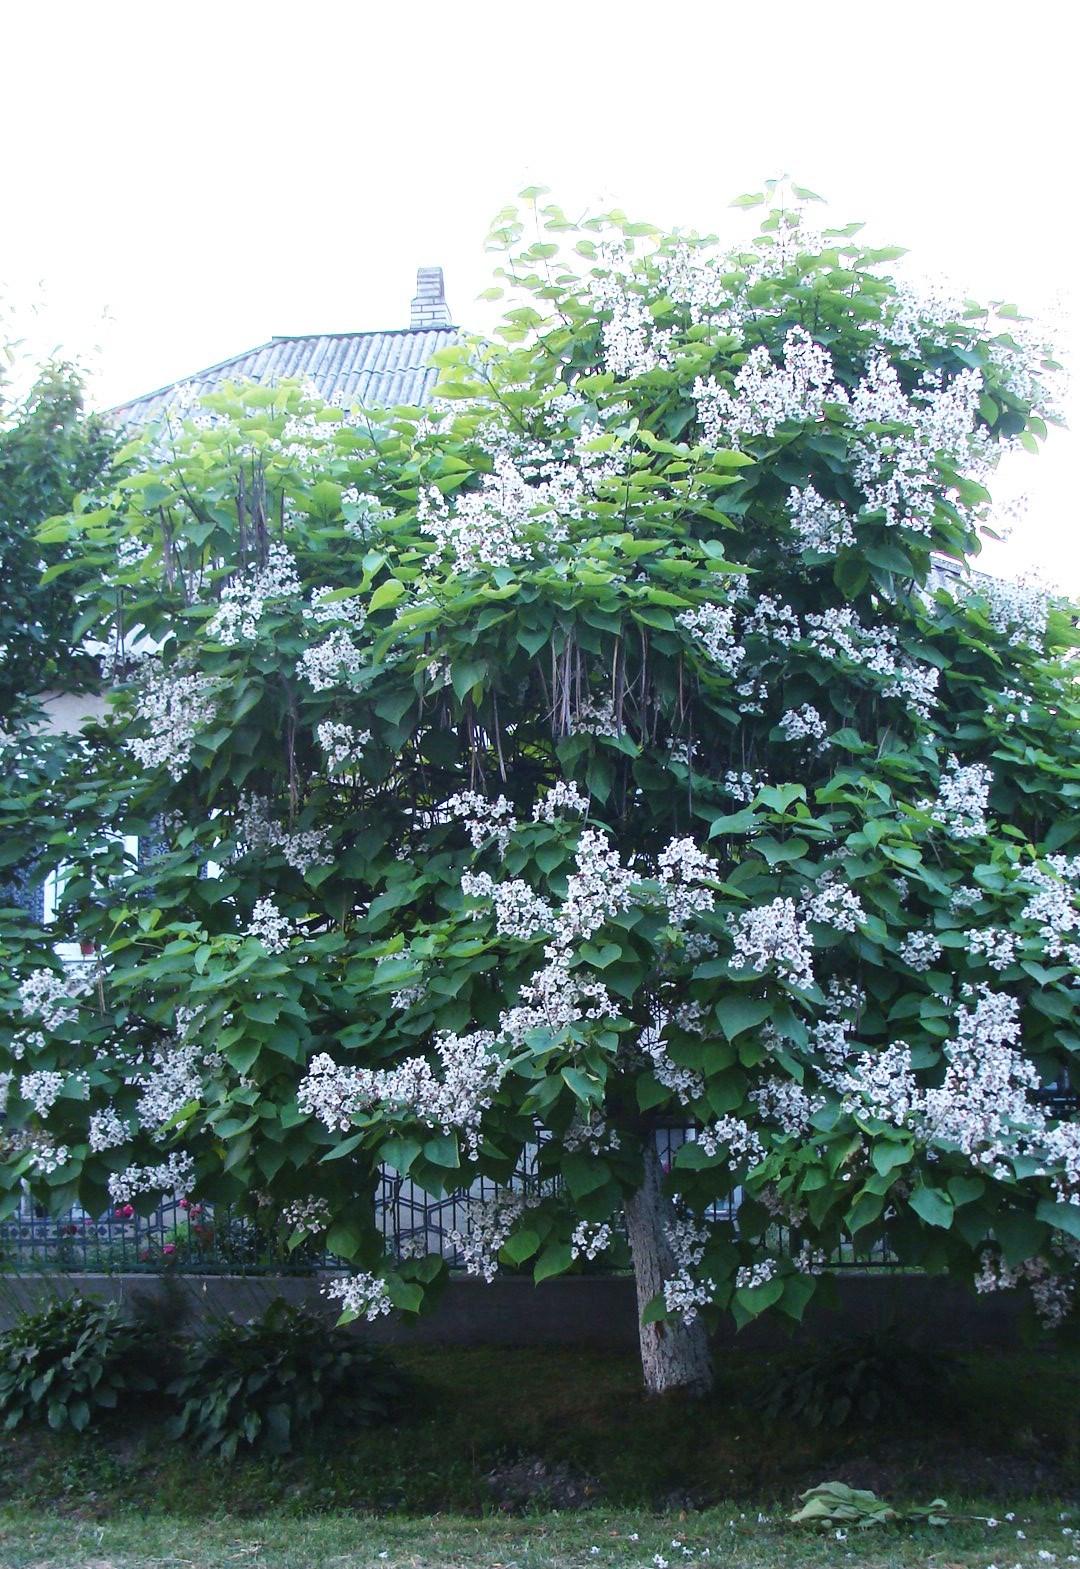 Дерево катальпы усыпано цветами и плодами в Карпатах. Фото: Оксана МАРЦЫНКЕВИЧ